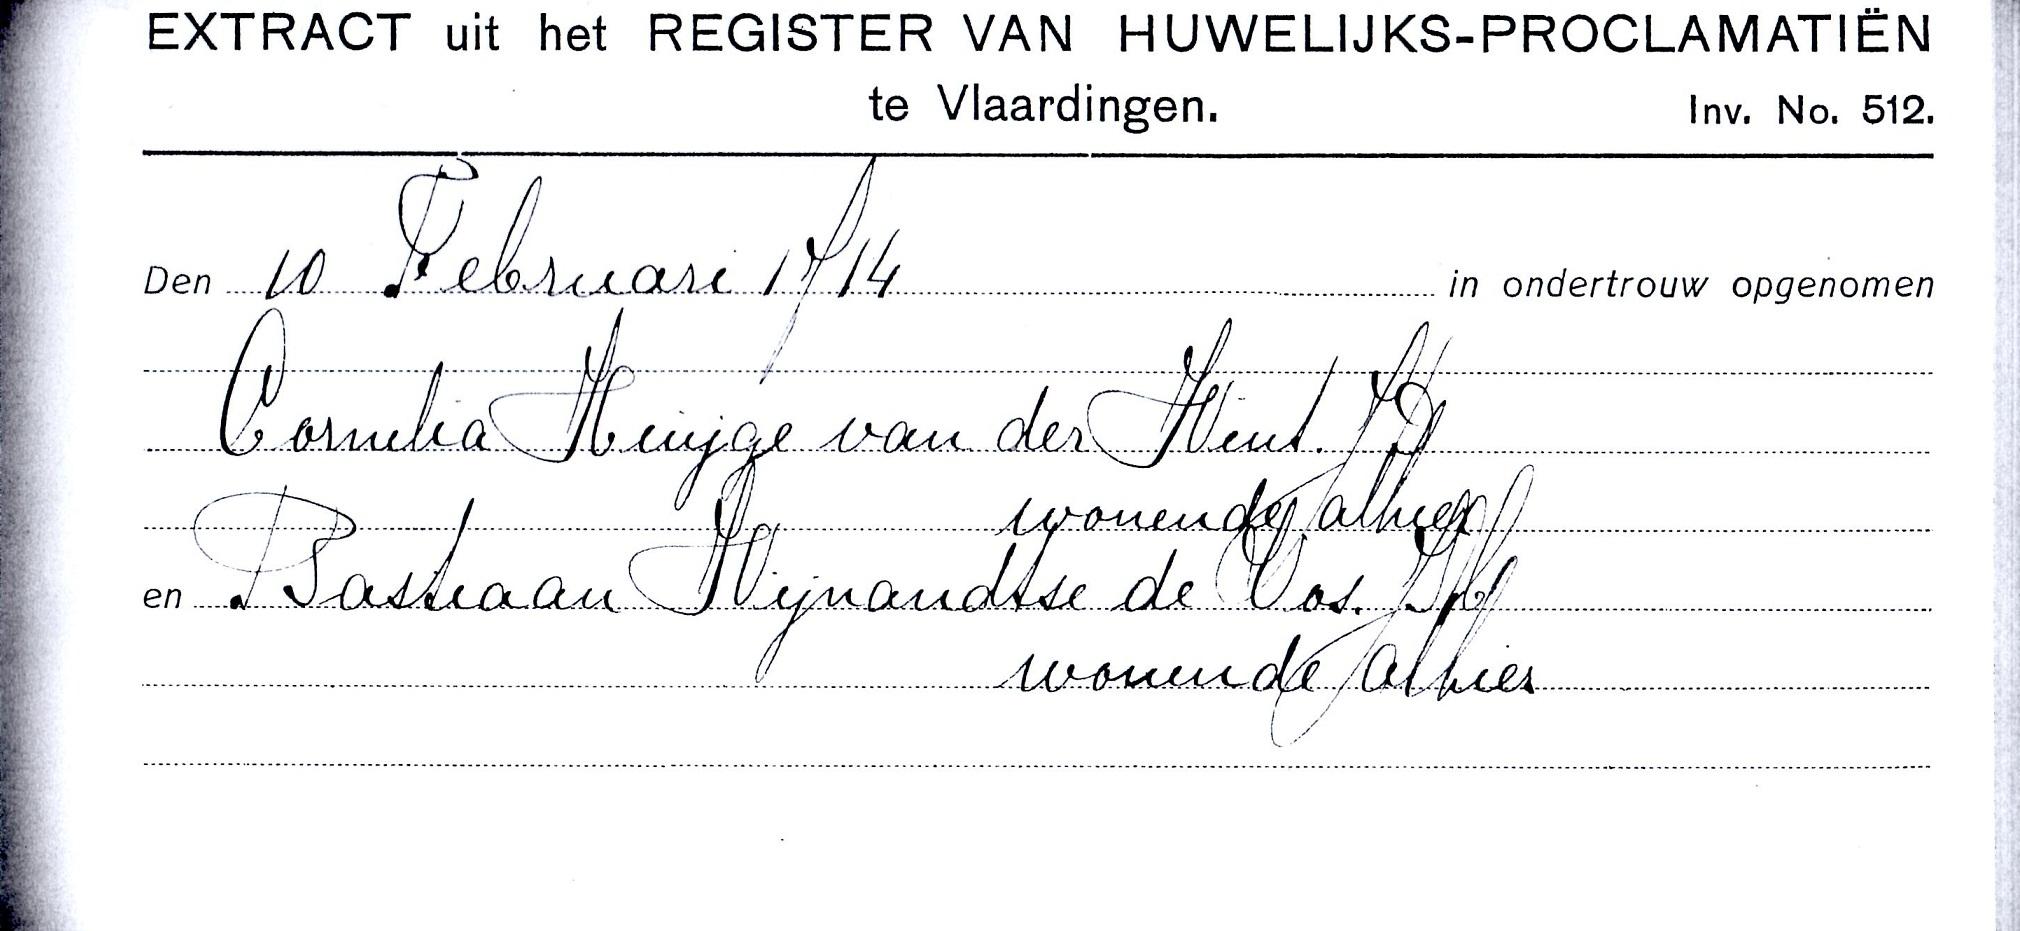 1714-02-10 Ondertrouw Cornelia Huijgensd van der Wint en Bastiaan IJmensz de Vos